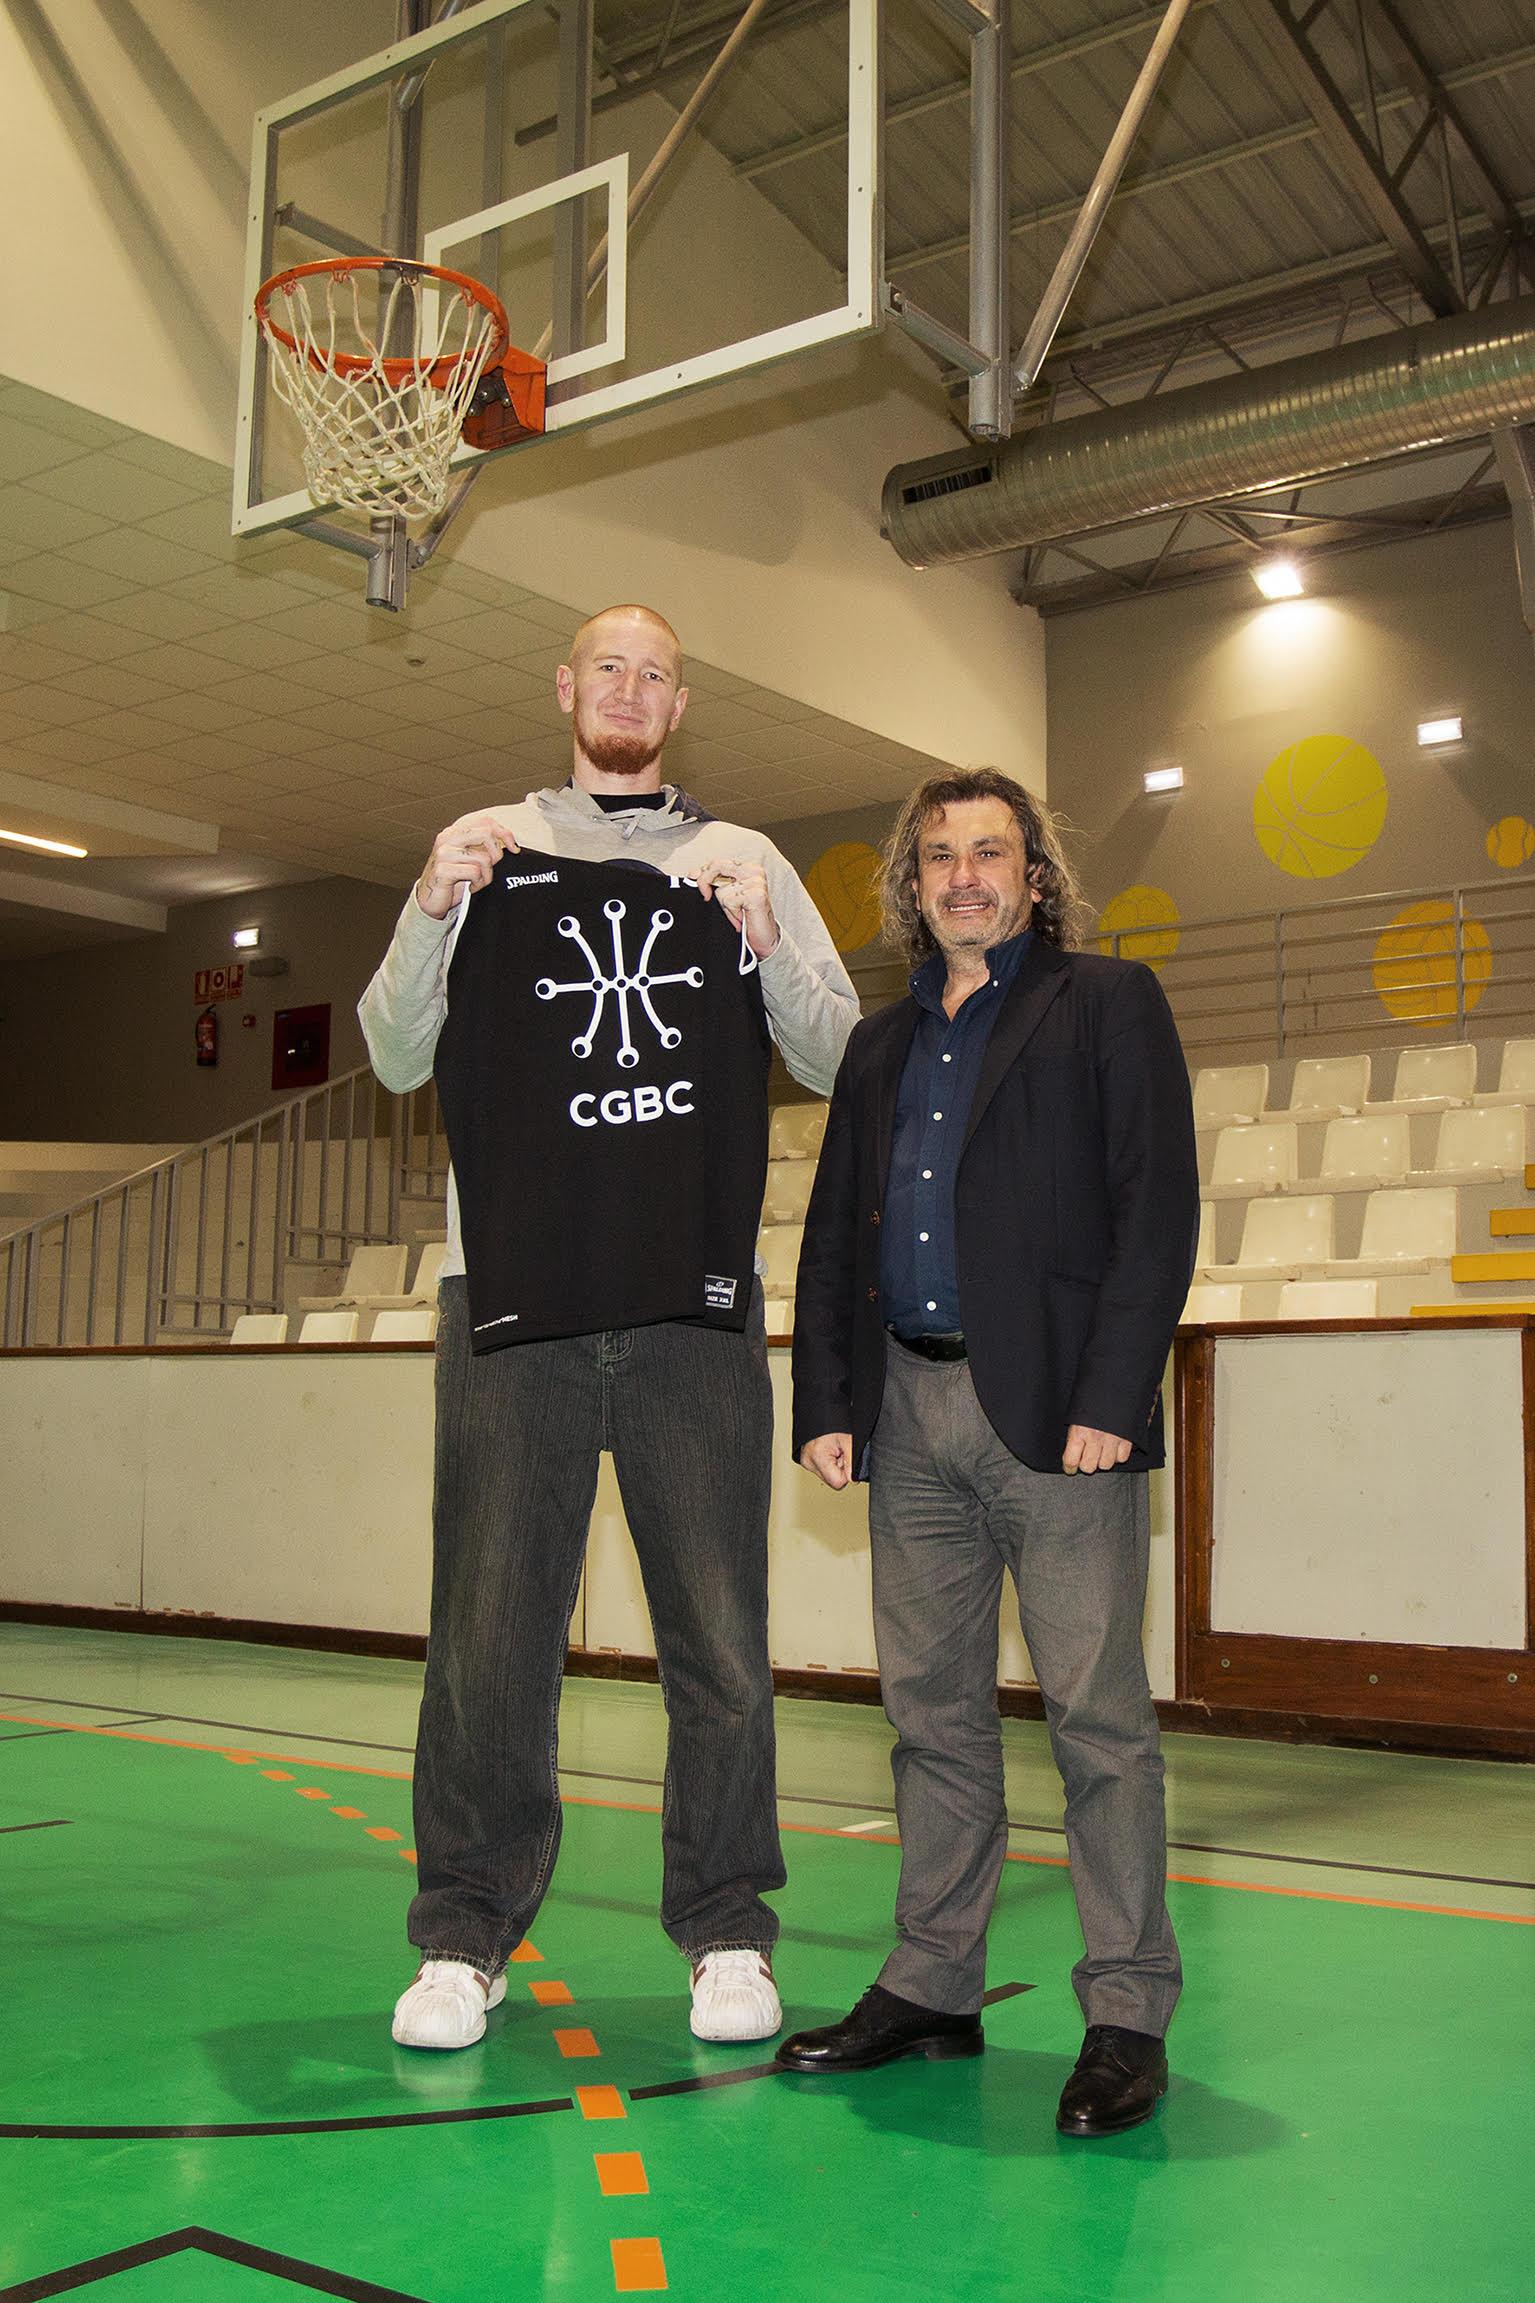 Robert Swift y el entrenador del Cïrculo Gijón Baloncesto, Nacho Galán